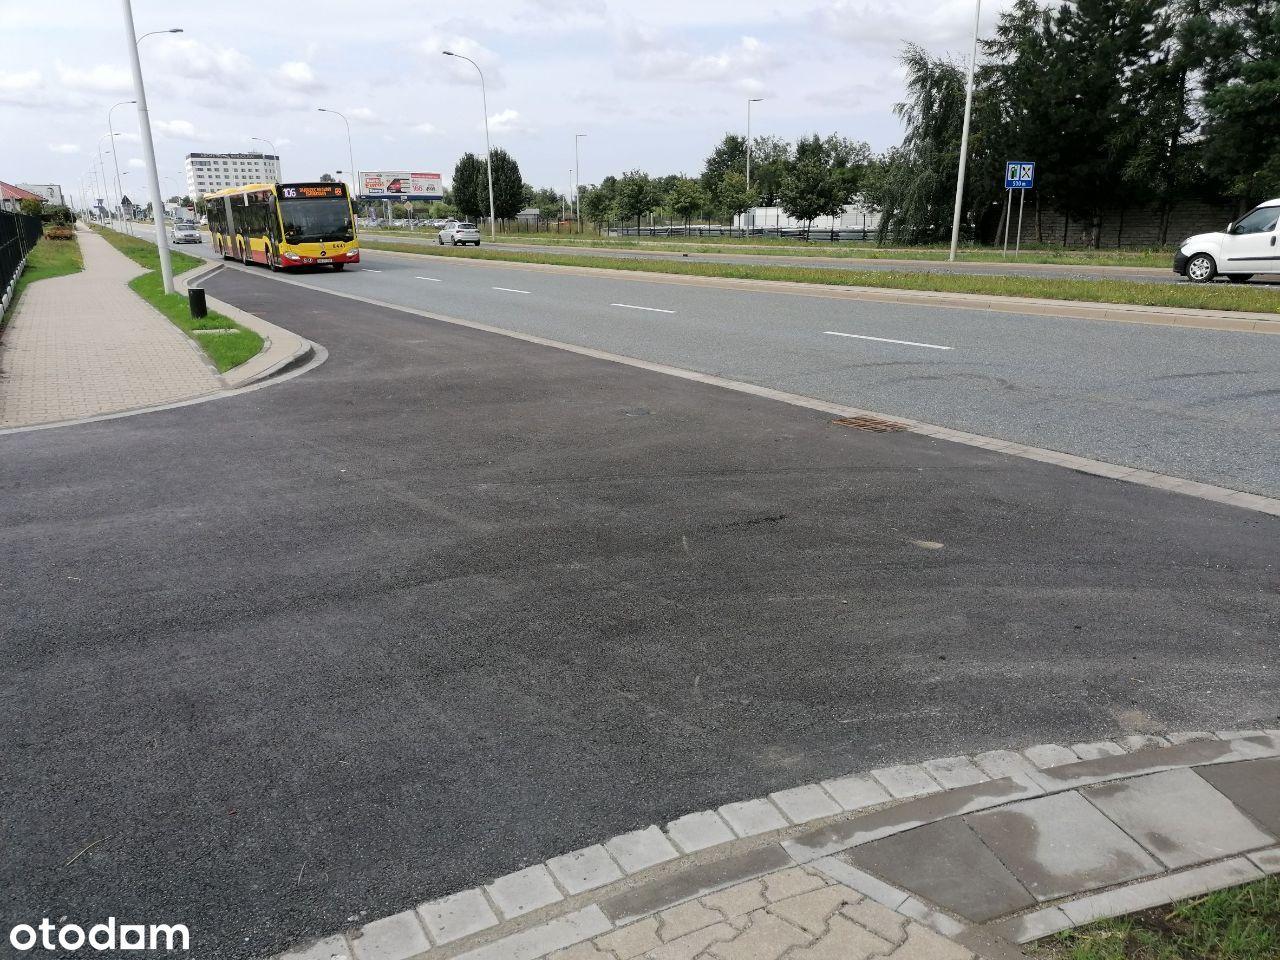 PARKING - PLAC - TEREN - ul. Graniczna - Wrocław